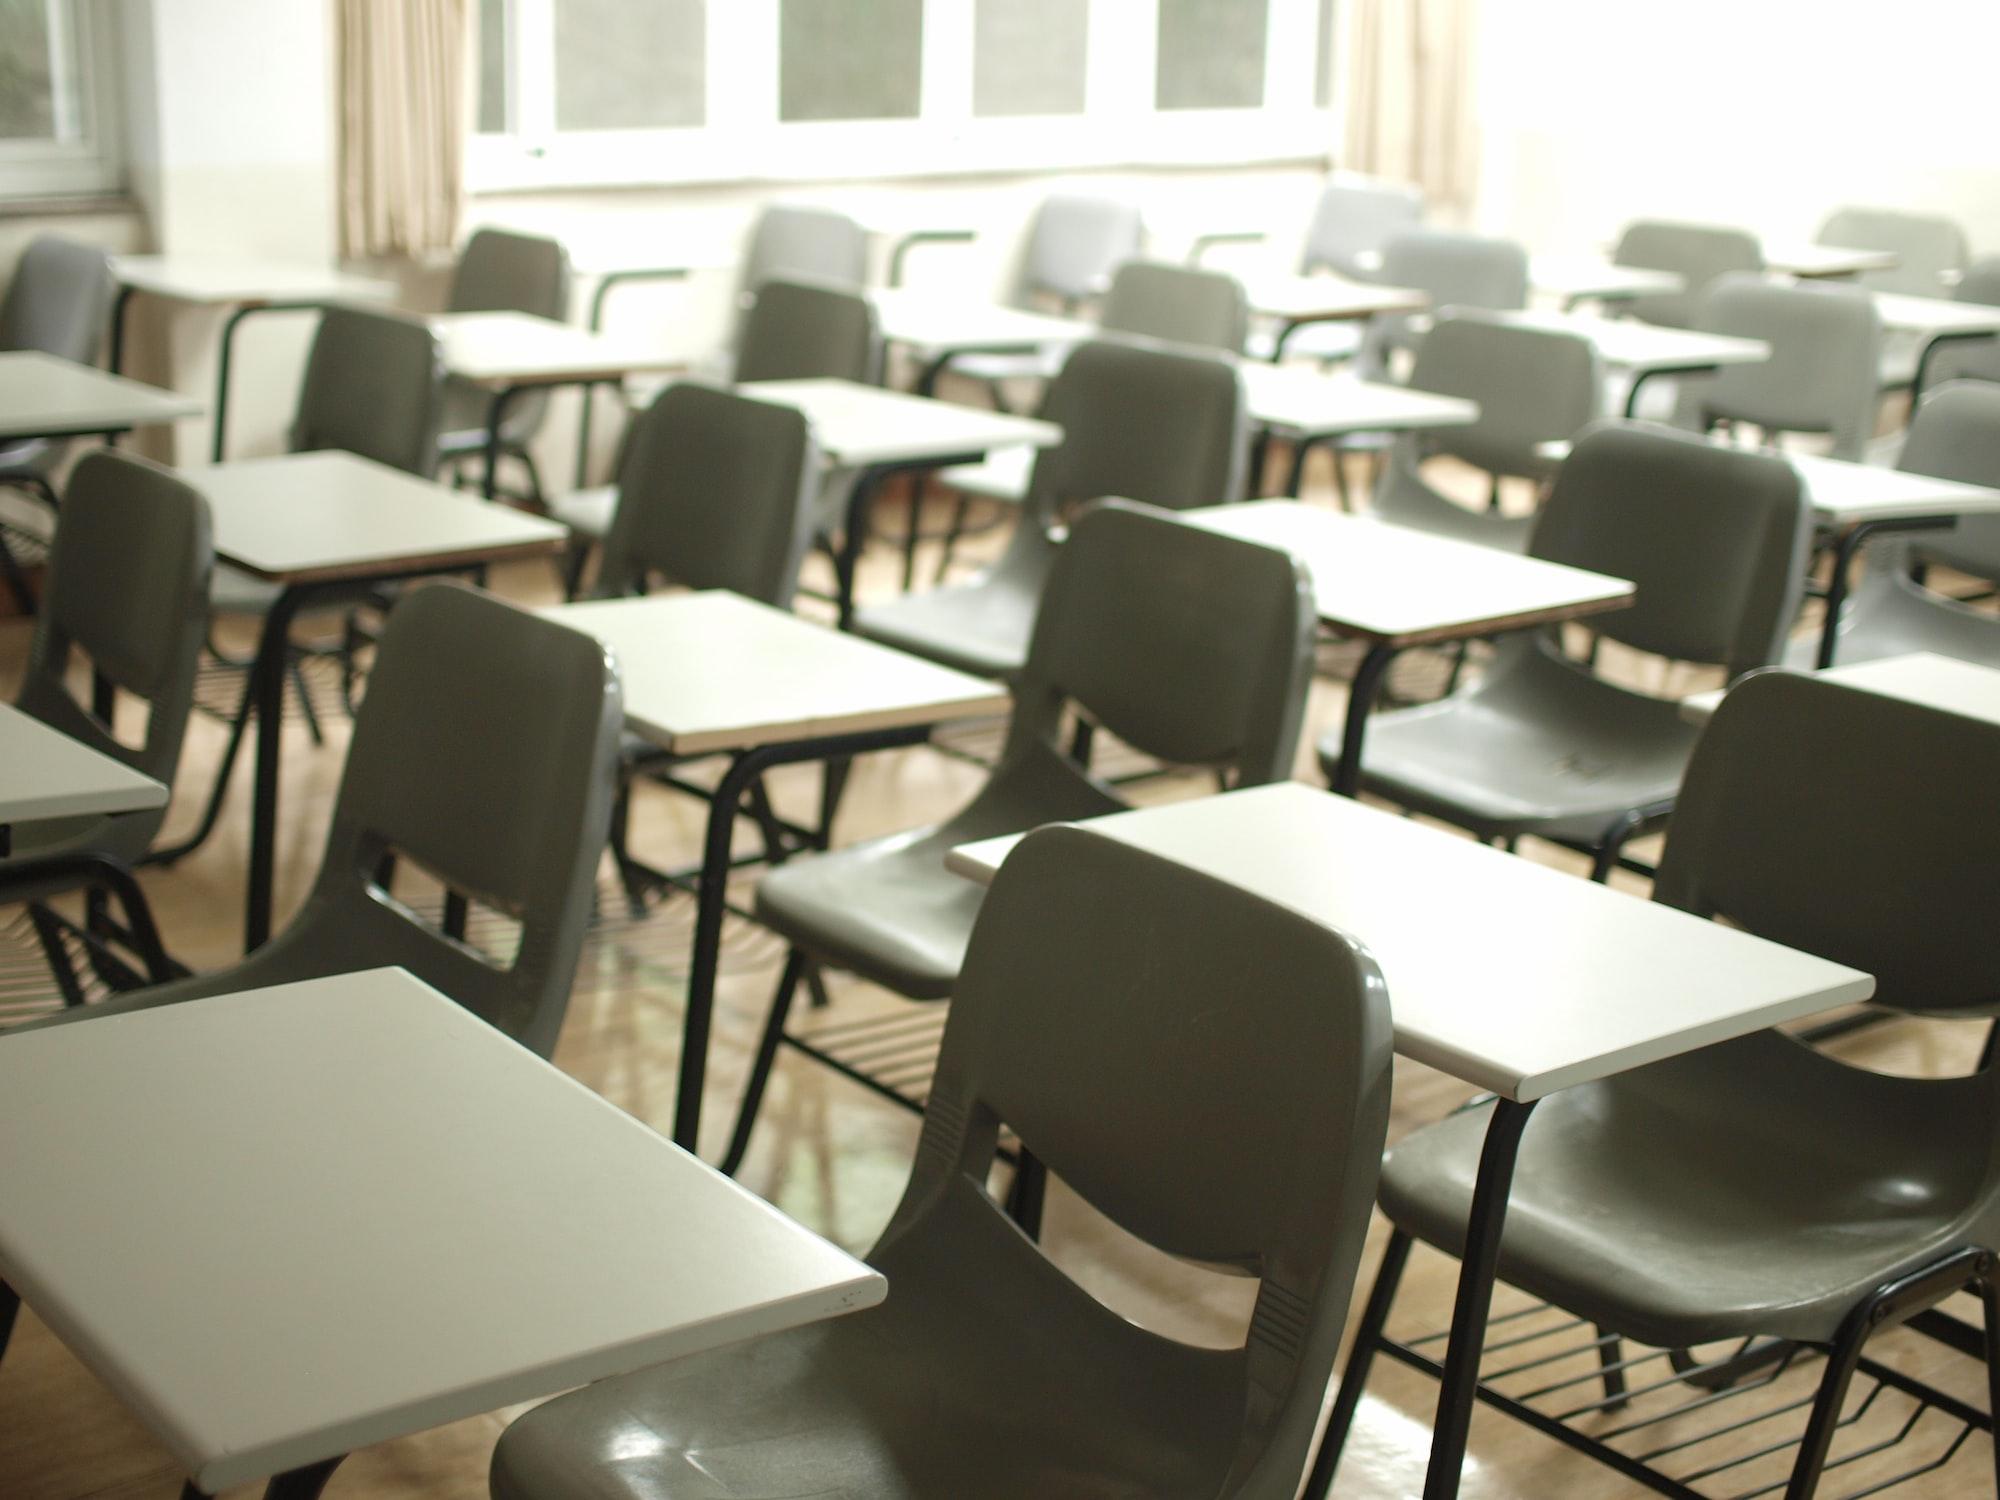 Uczniowie klas 4-8 mogą wrócić do szkół? Kuratorium wyjaśnia